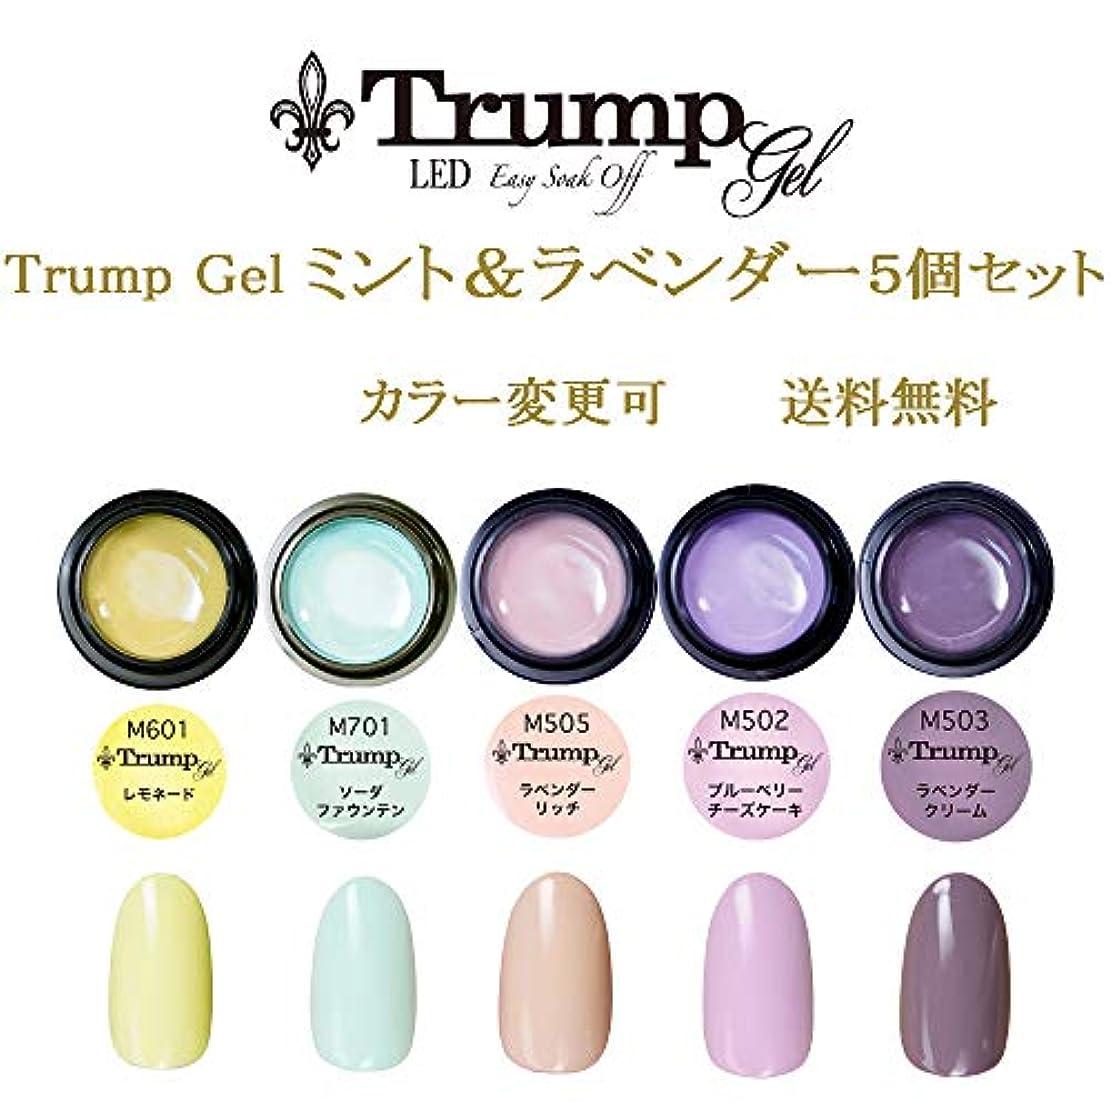 口注ぎます公【送料無料】日本製 Trump gel トランプジェル ミント&ラベンダー 選べる カラージェル 5個セット ラベンダー ベージュ ミントカラー